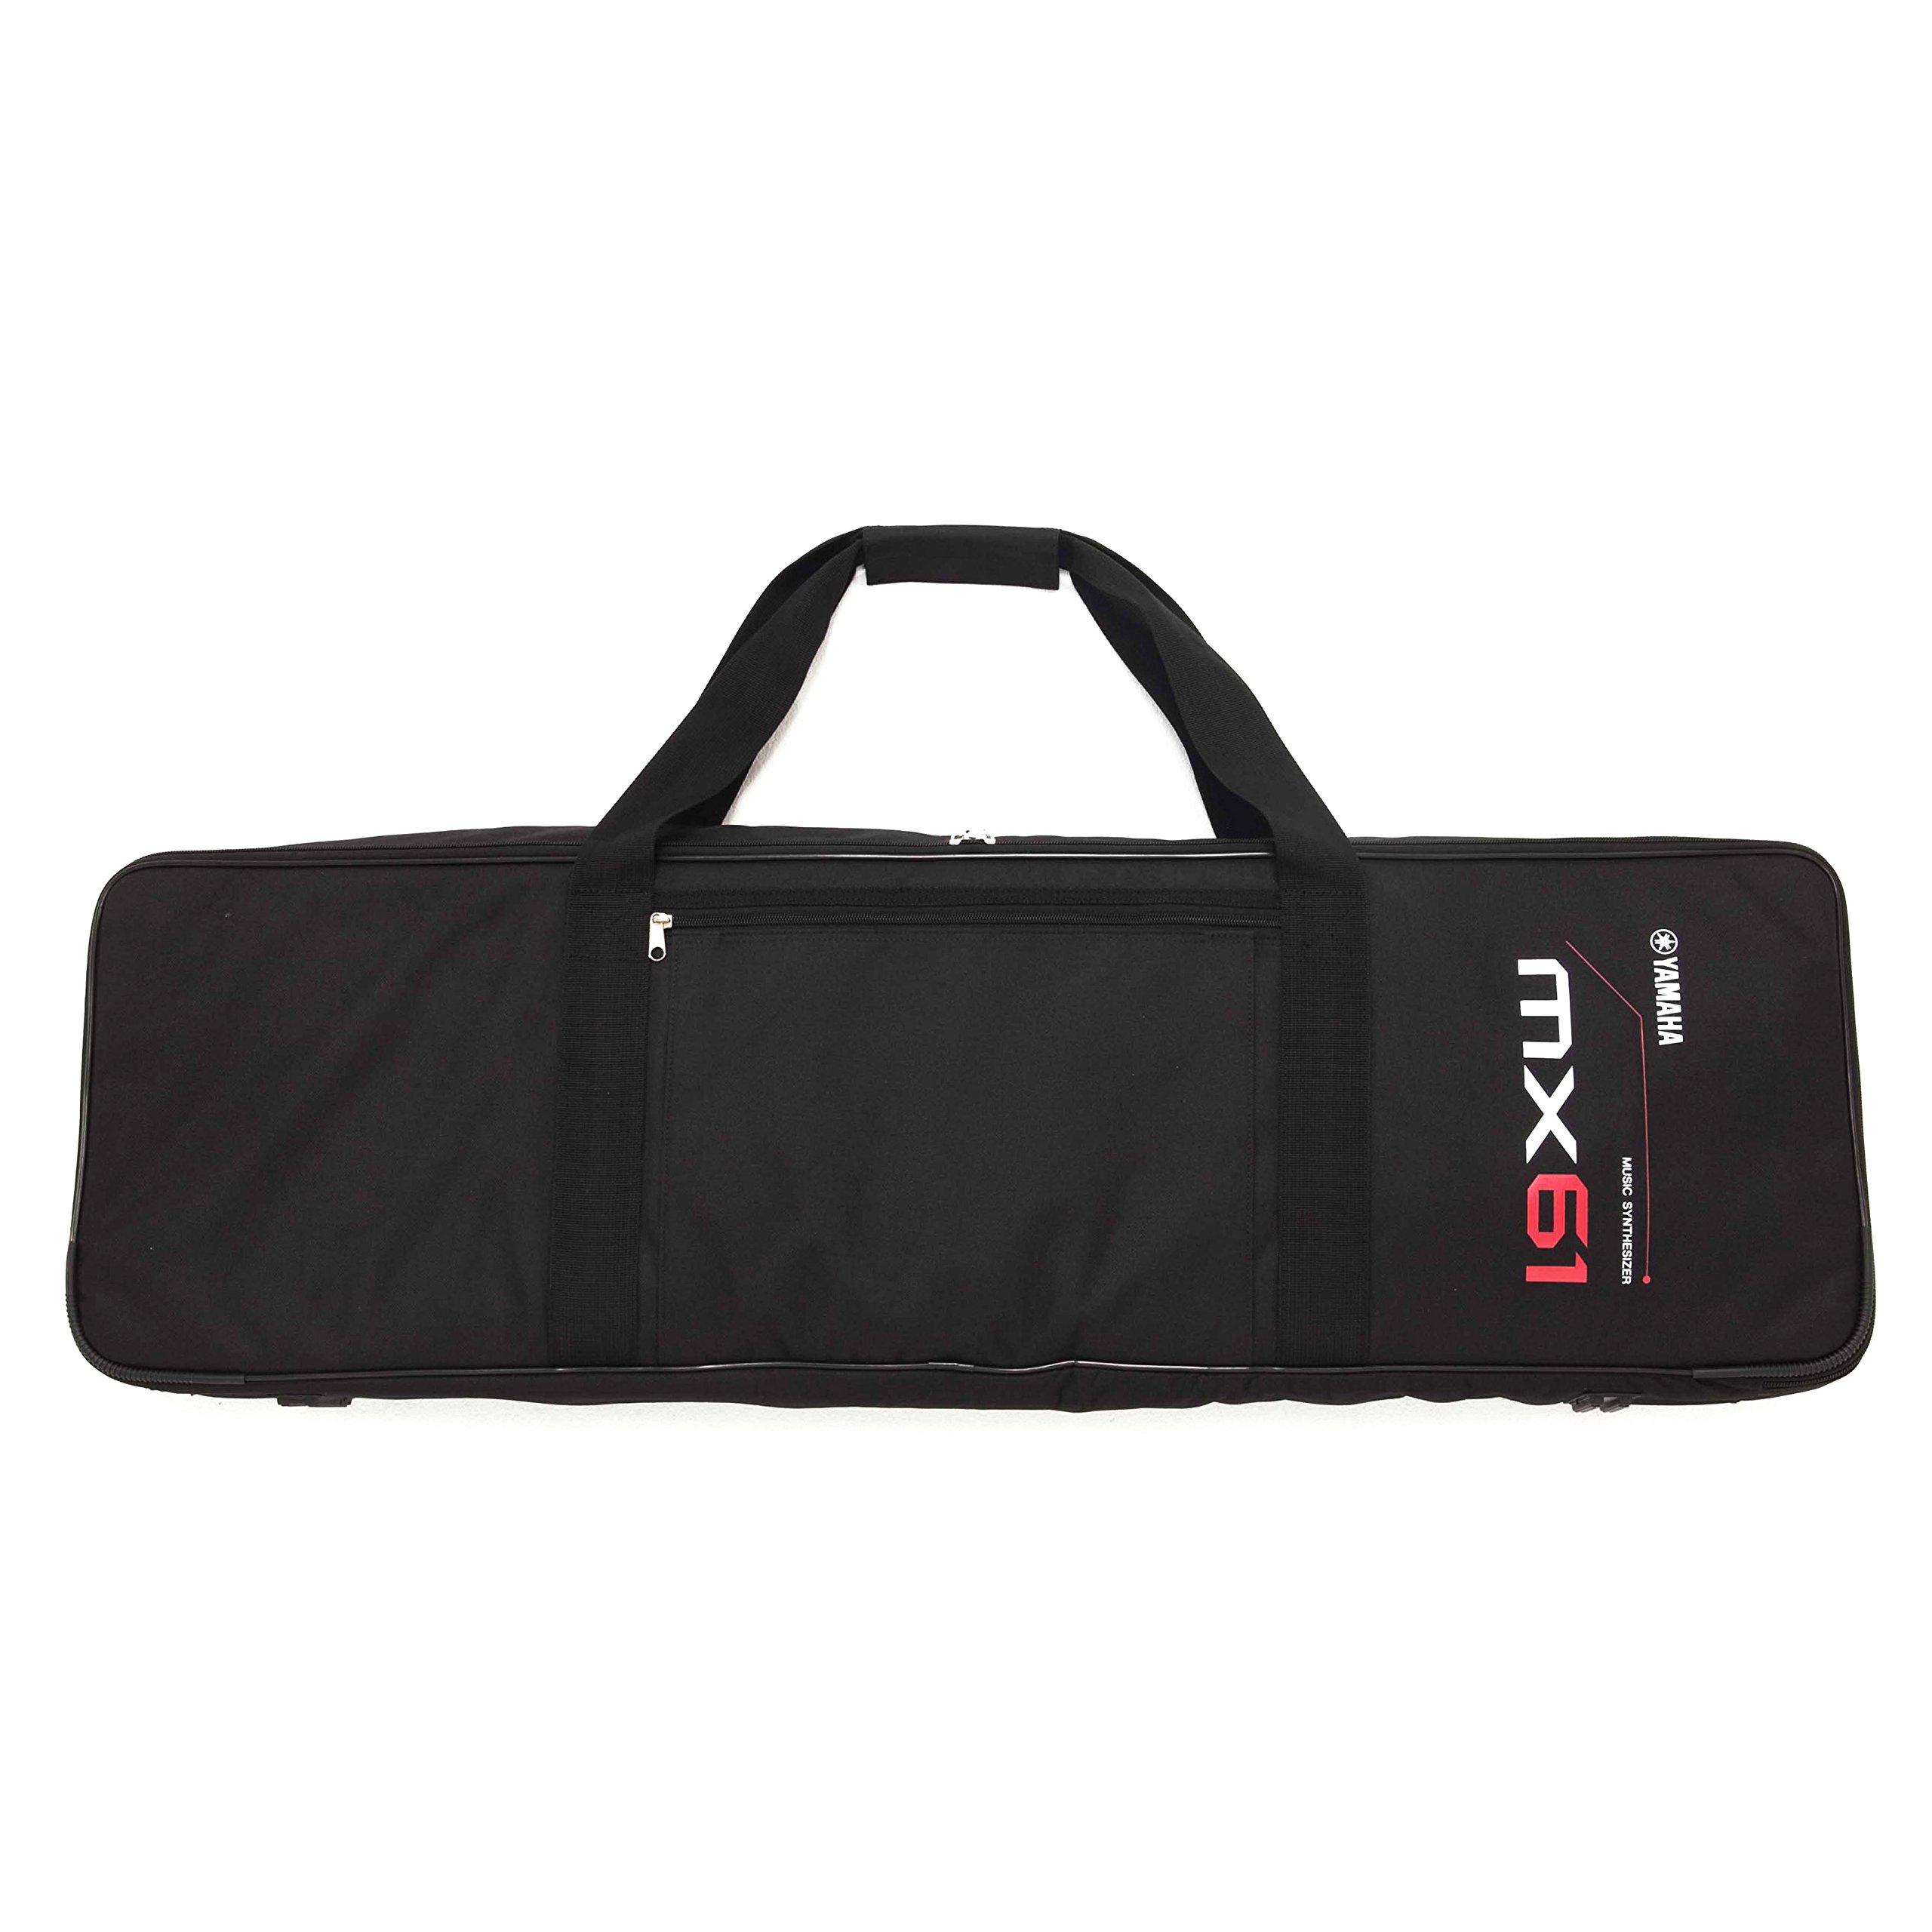 Yamaha Padded Bag for MX61, Black